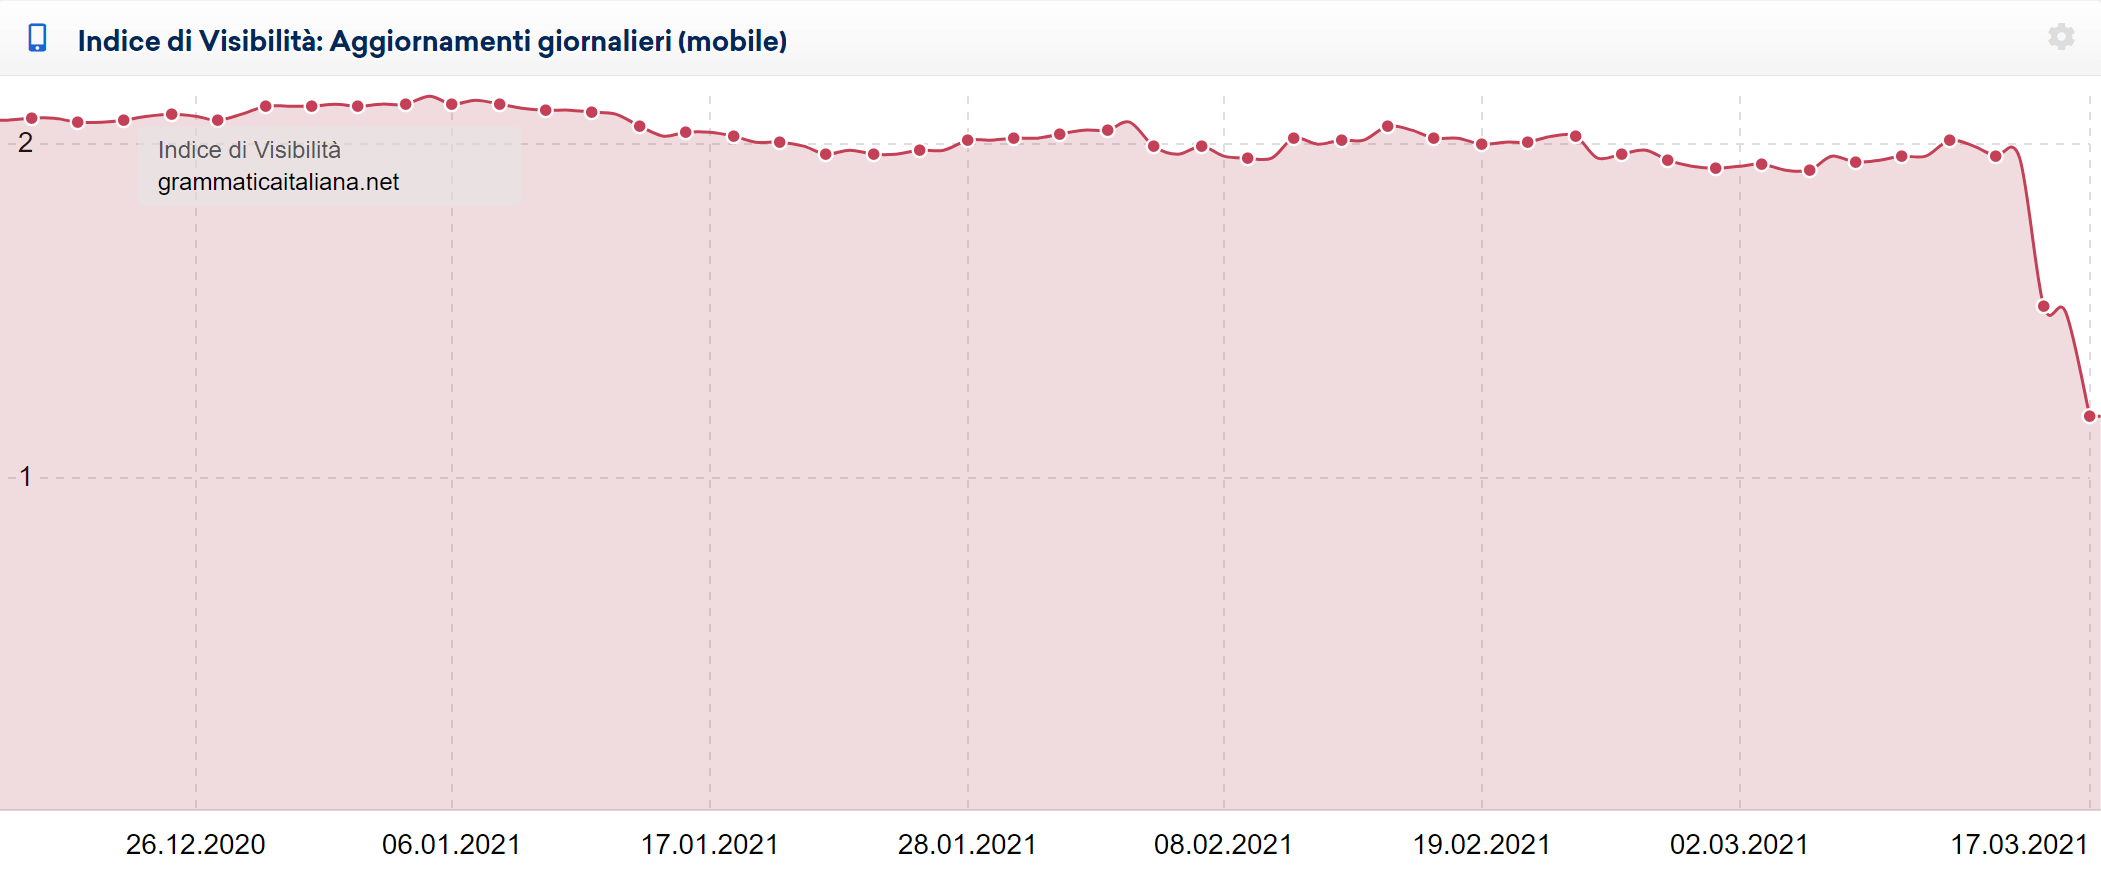 Indice di Visibilità mobile giornaliero di grammaticaitaliana.it